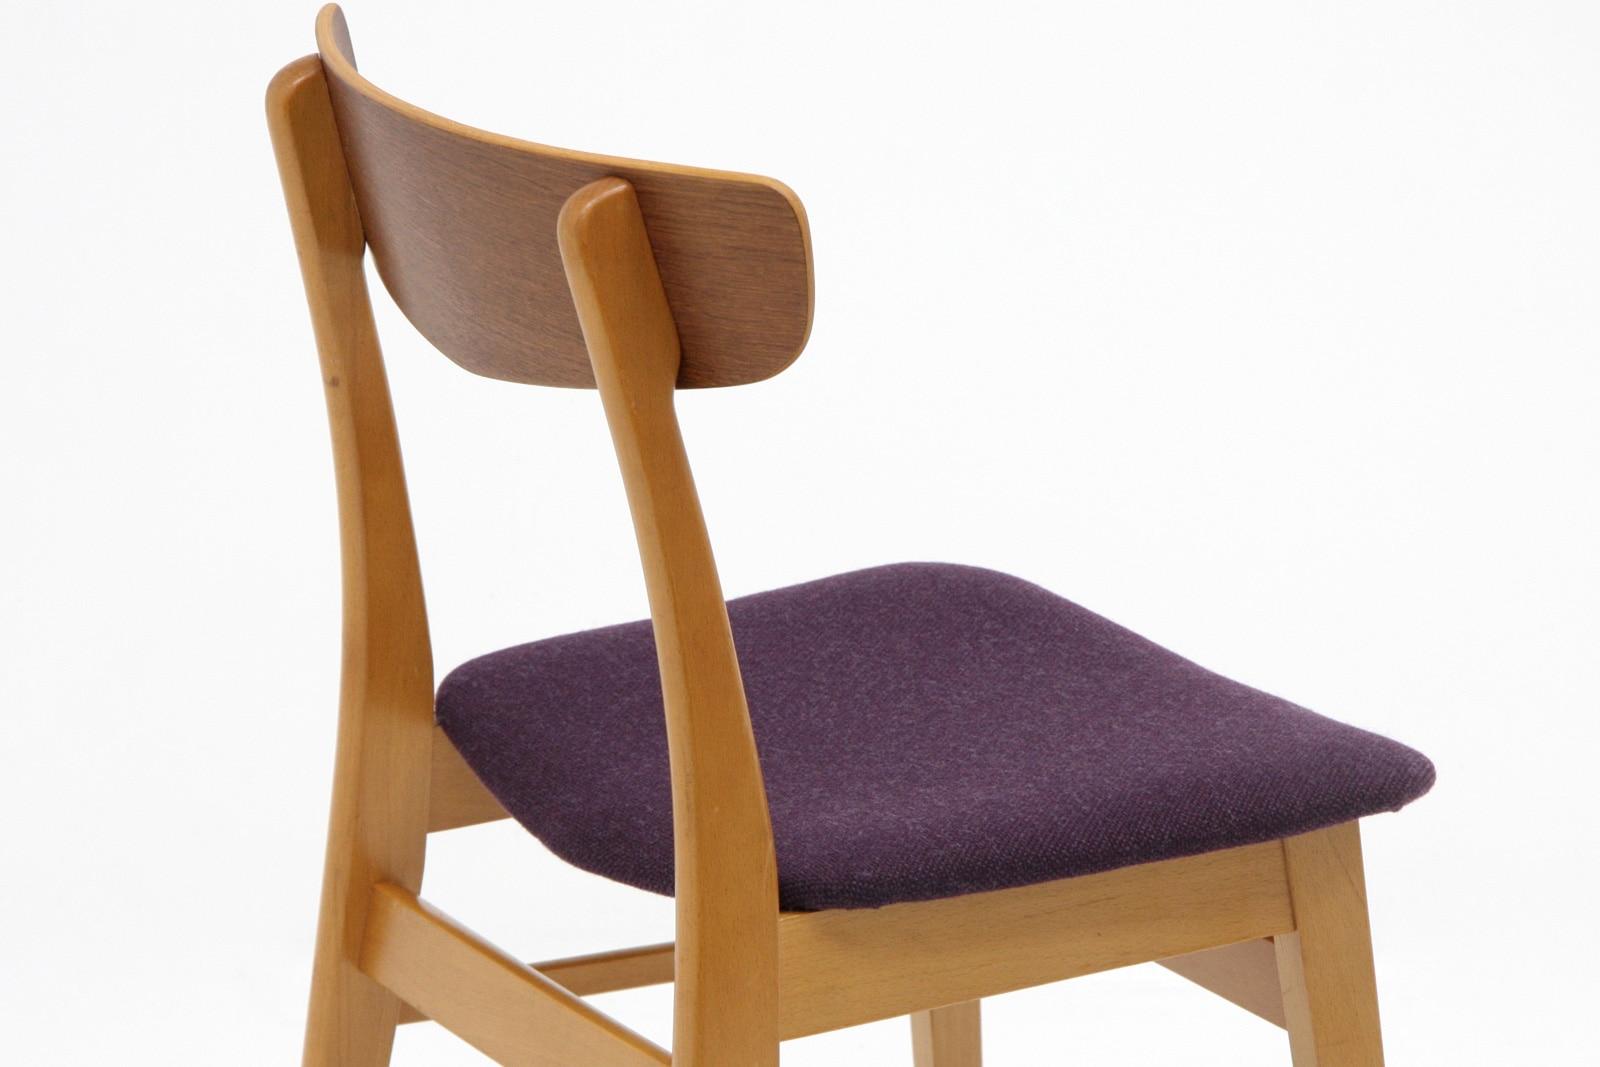 北欧,ダイニングチェア,紫,デンマーク,椅子